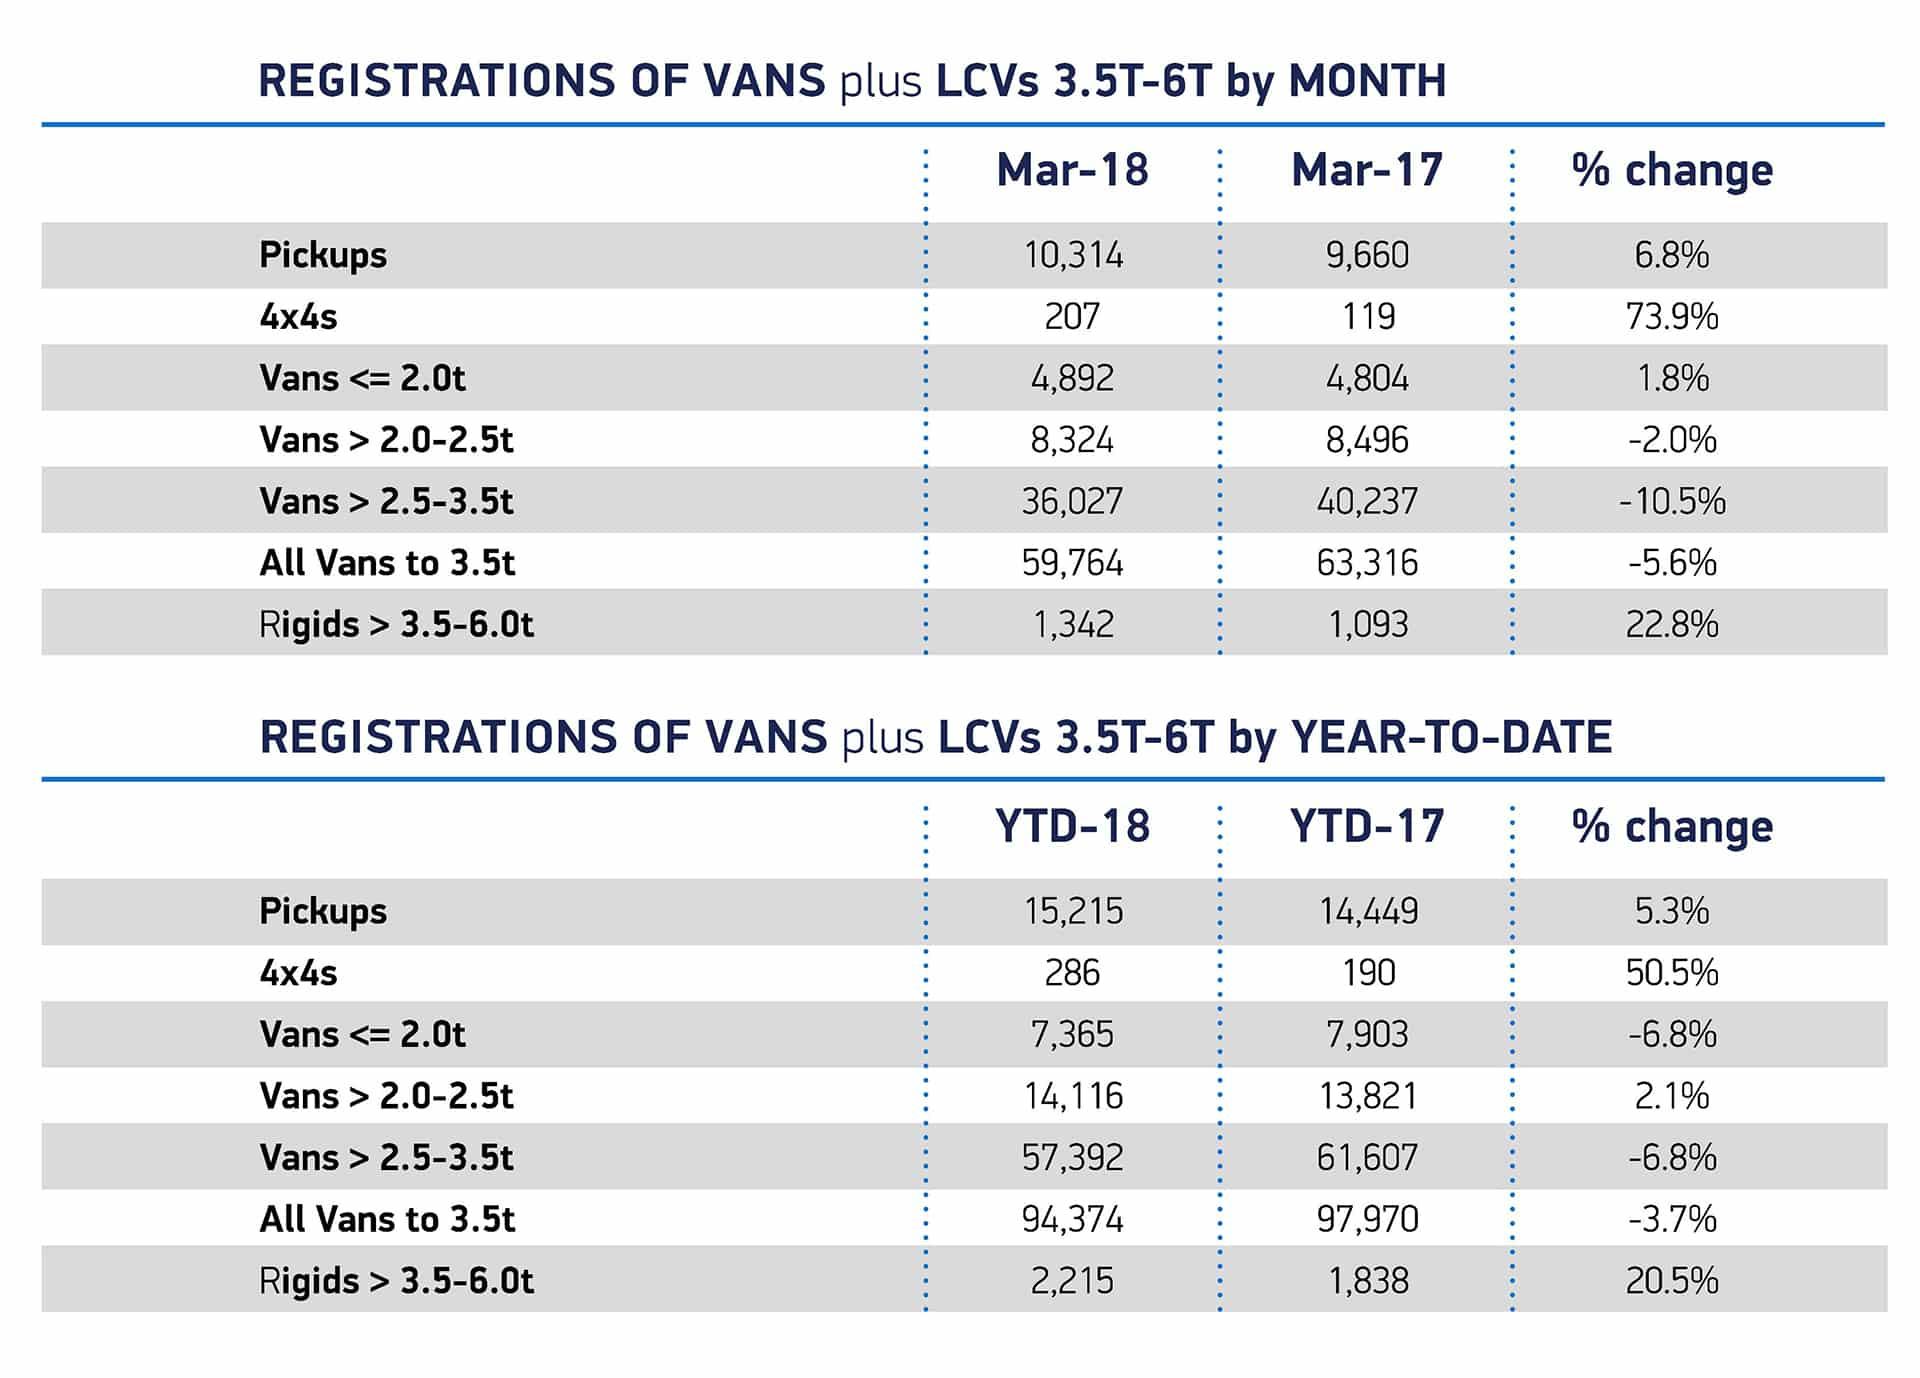 April van sales The Van Expert